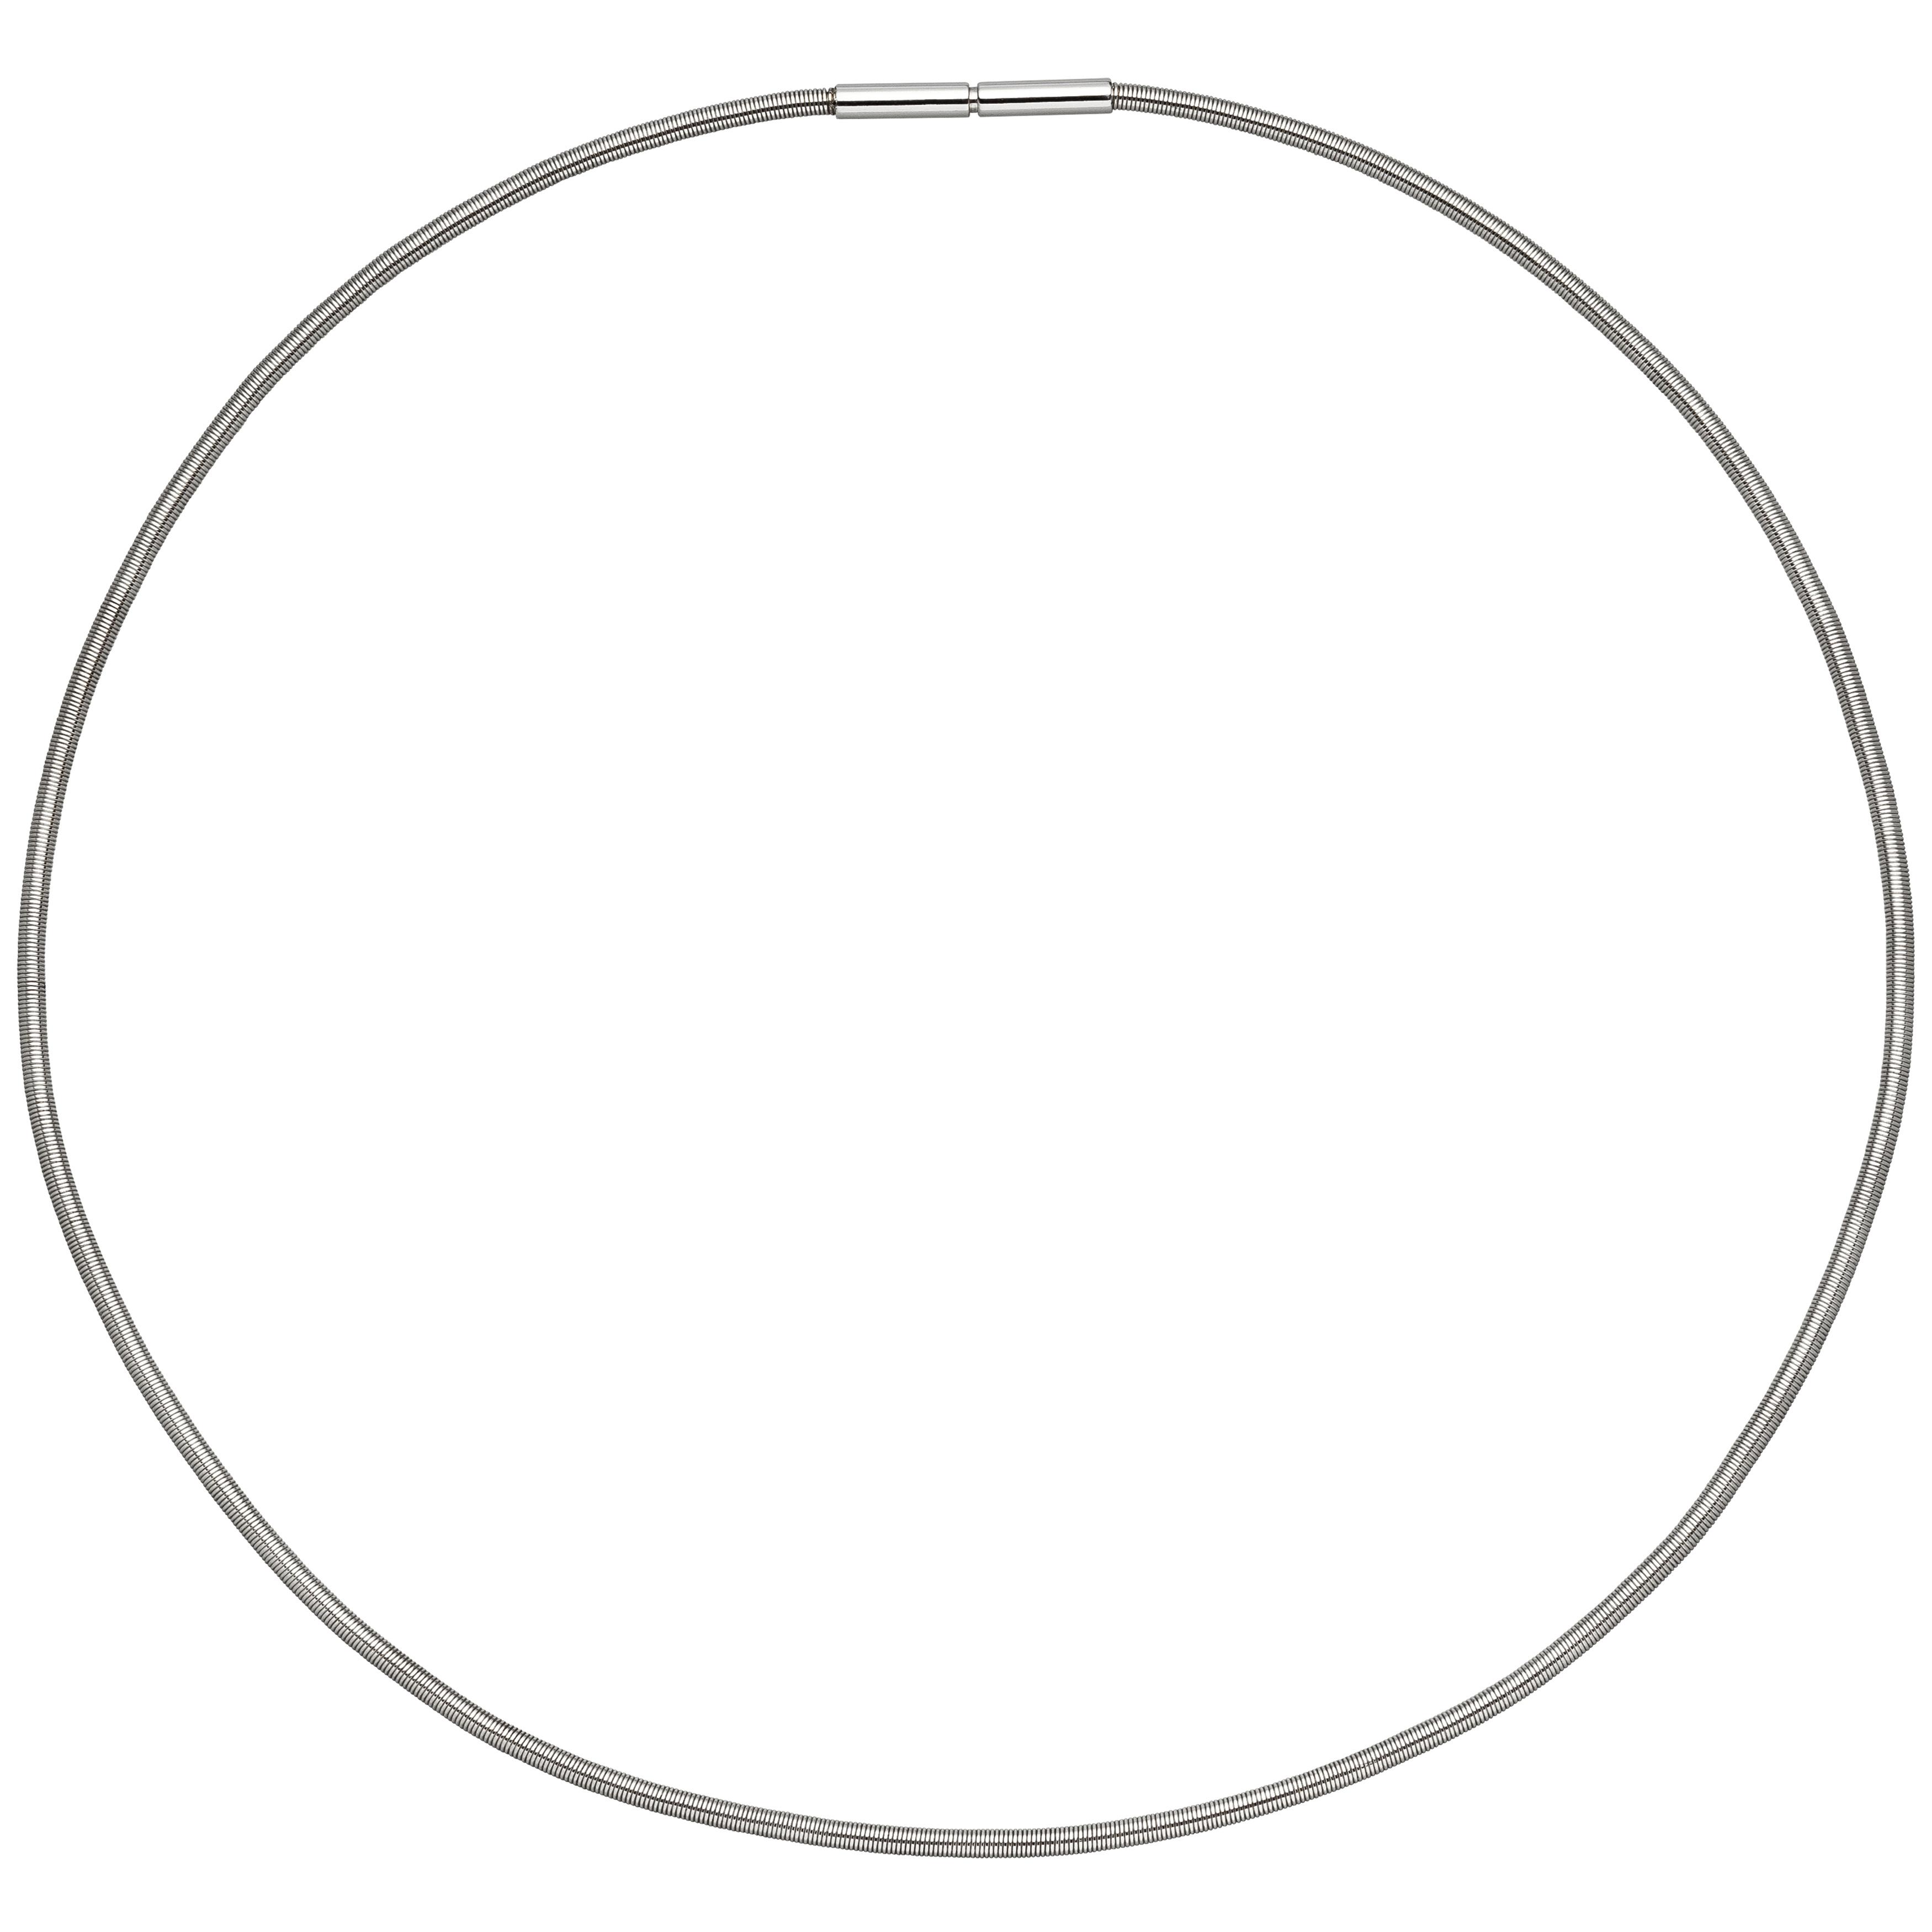 Kautschukkette mit 925er Silberverschluß 2,5mm in 6 Längen